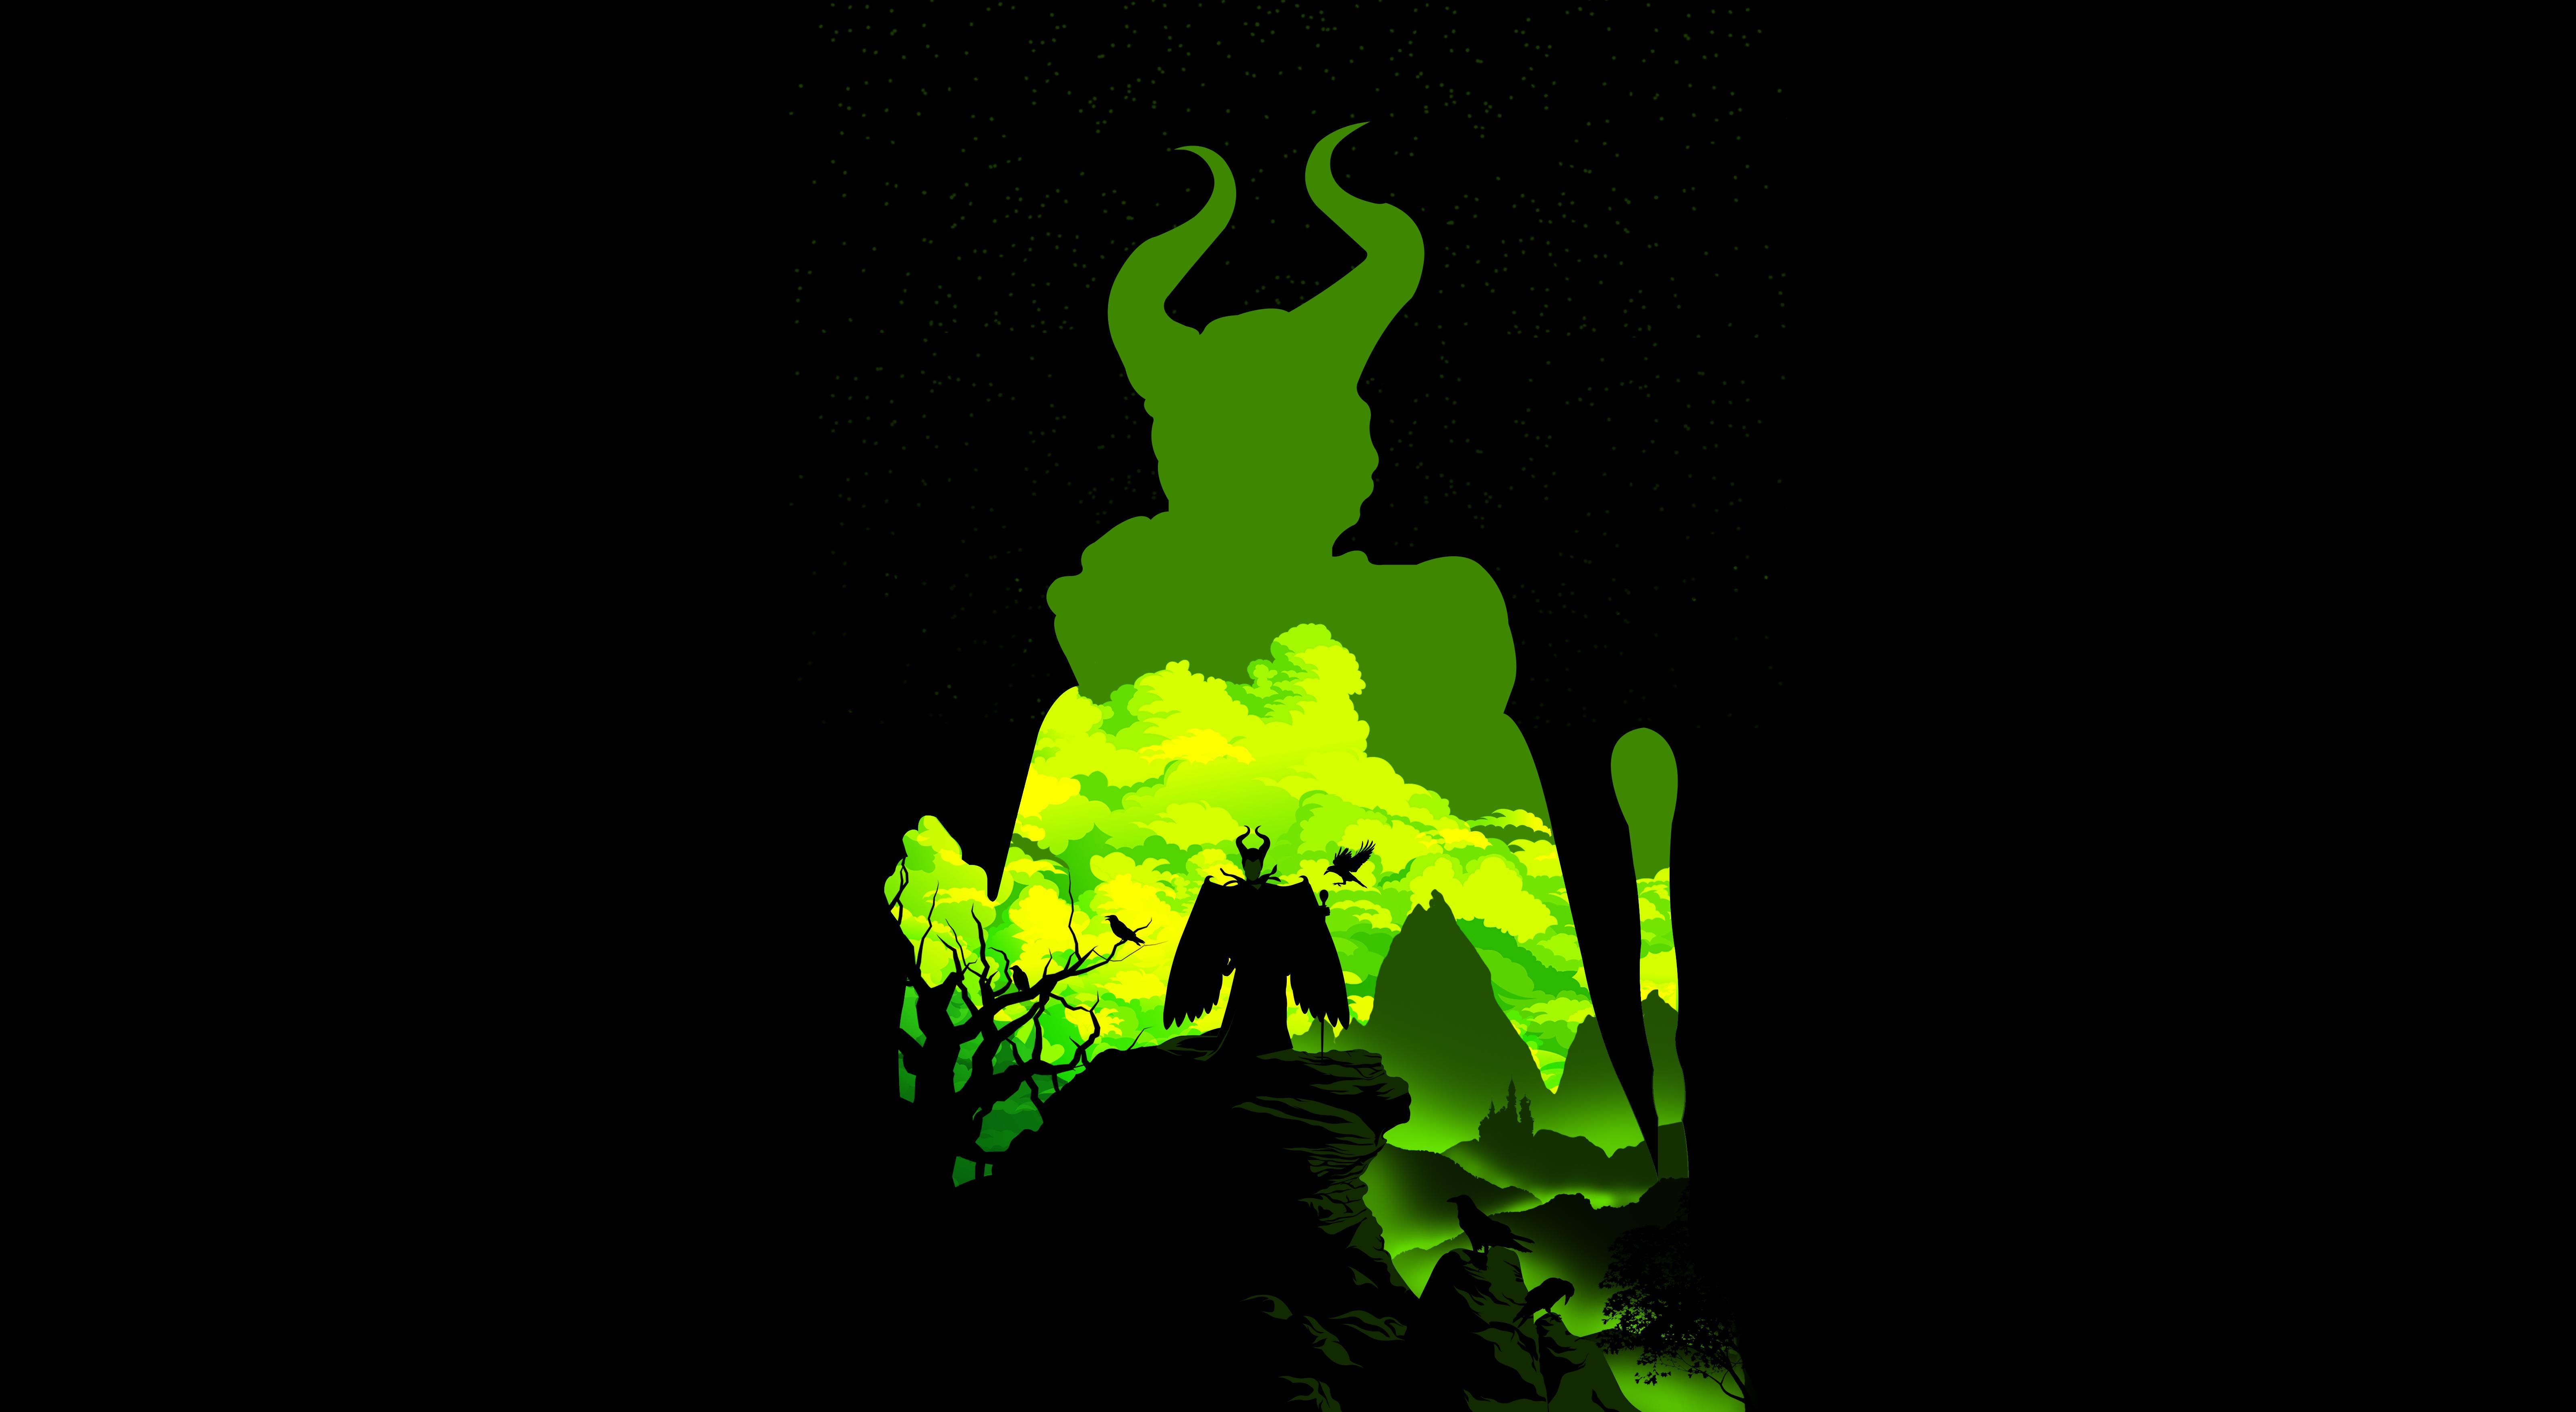 Maleficent Cool Minimal Wallpaper, HD Minimalist 4K ...